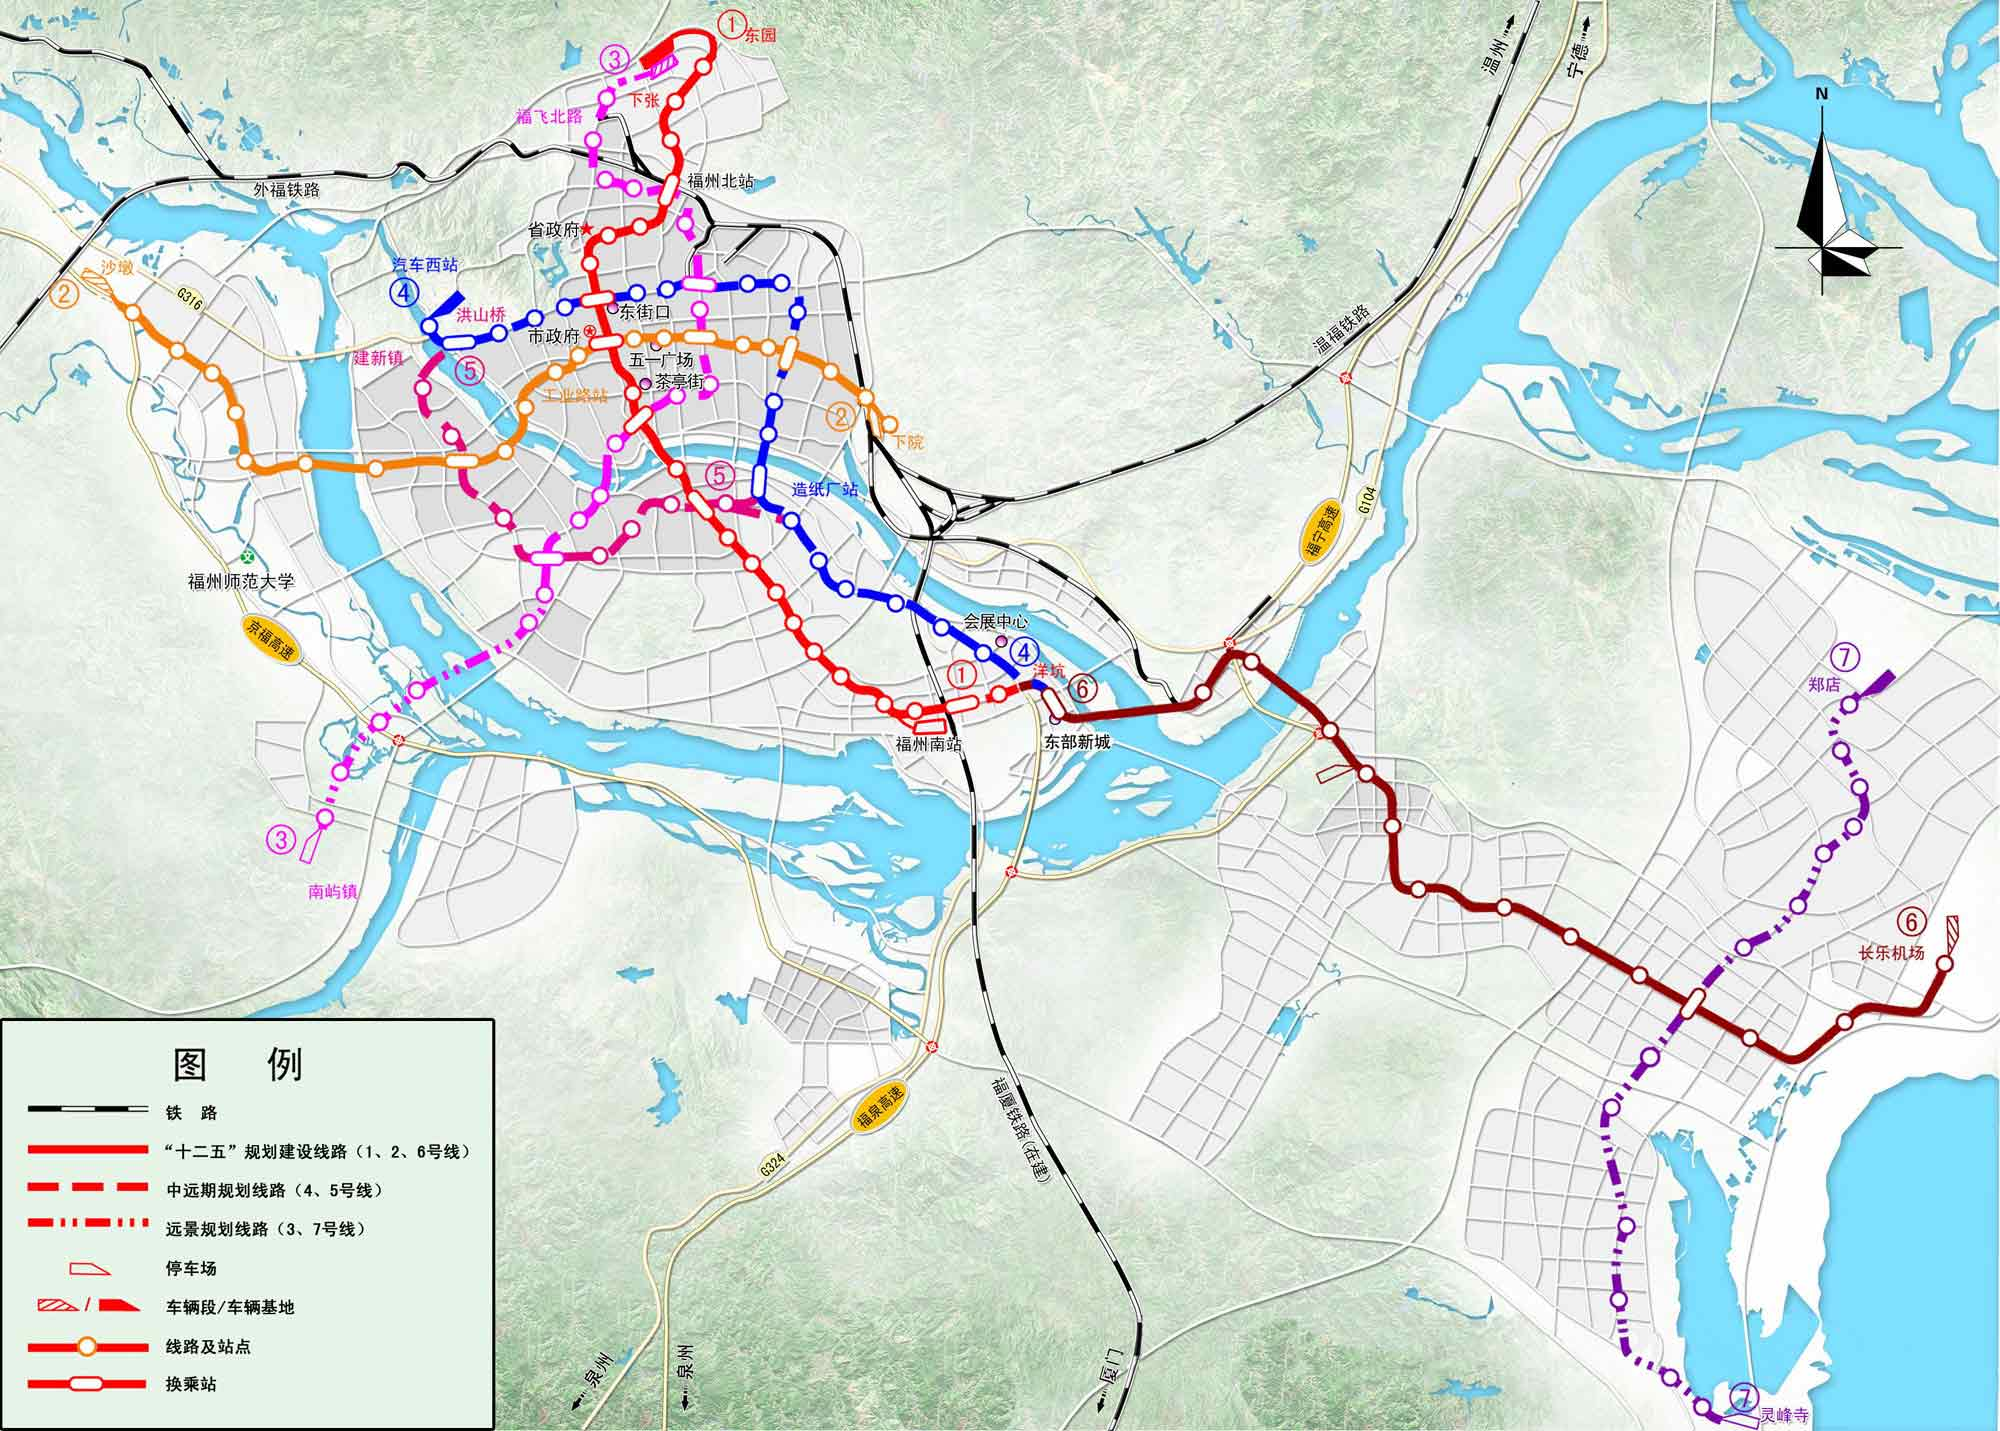 福州地铁线路规划